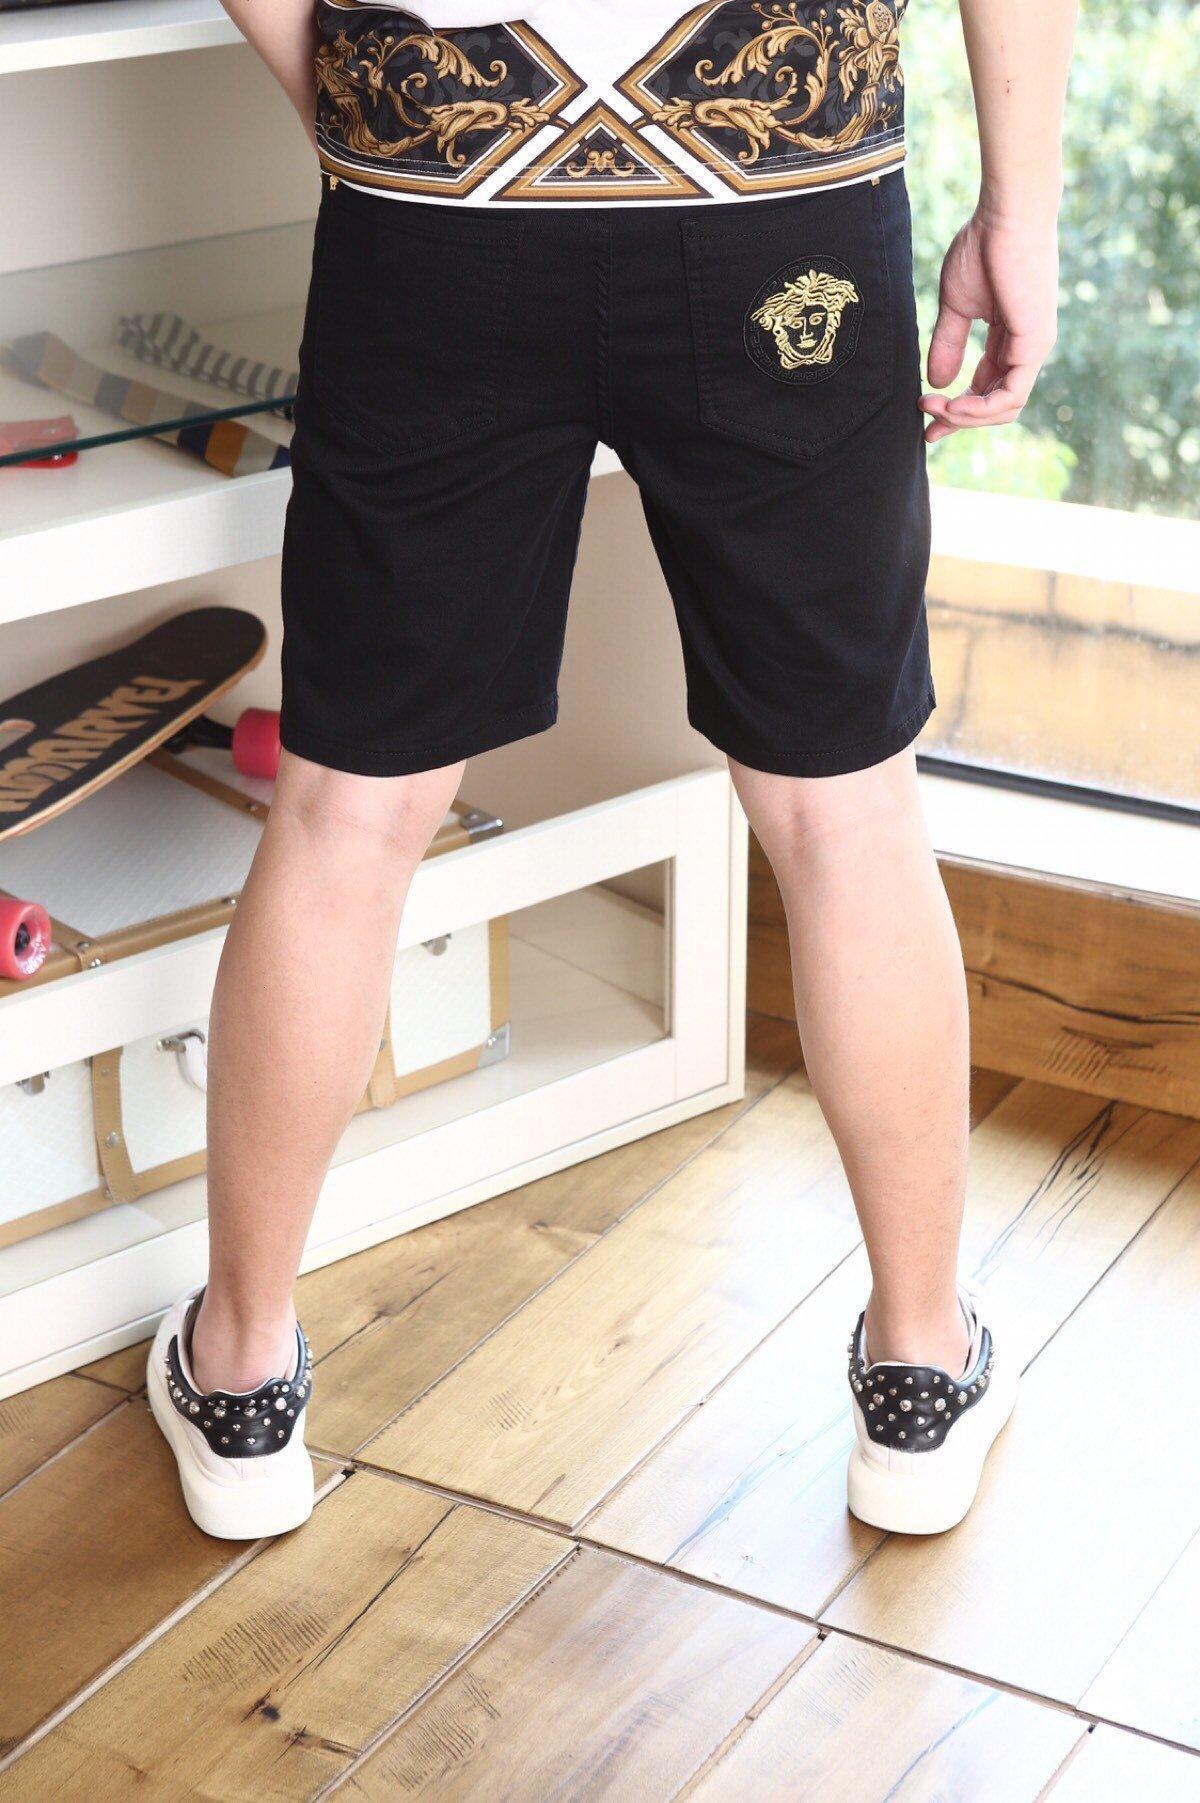 Designer Herrenbekleidung T-Shirt der Männer Favorit des neue Auflistung gehetzte neue bester Verkauf Frühjahr einfach gut aussehende klassische schön 1RAF